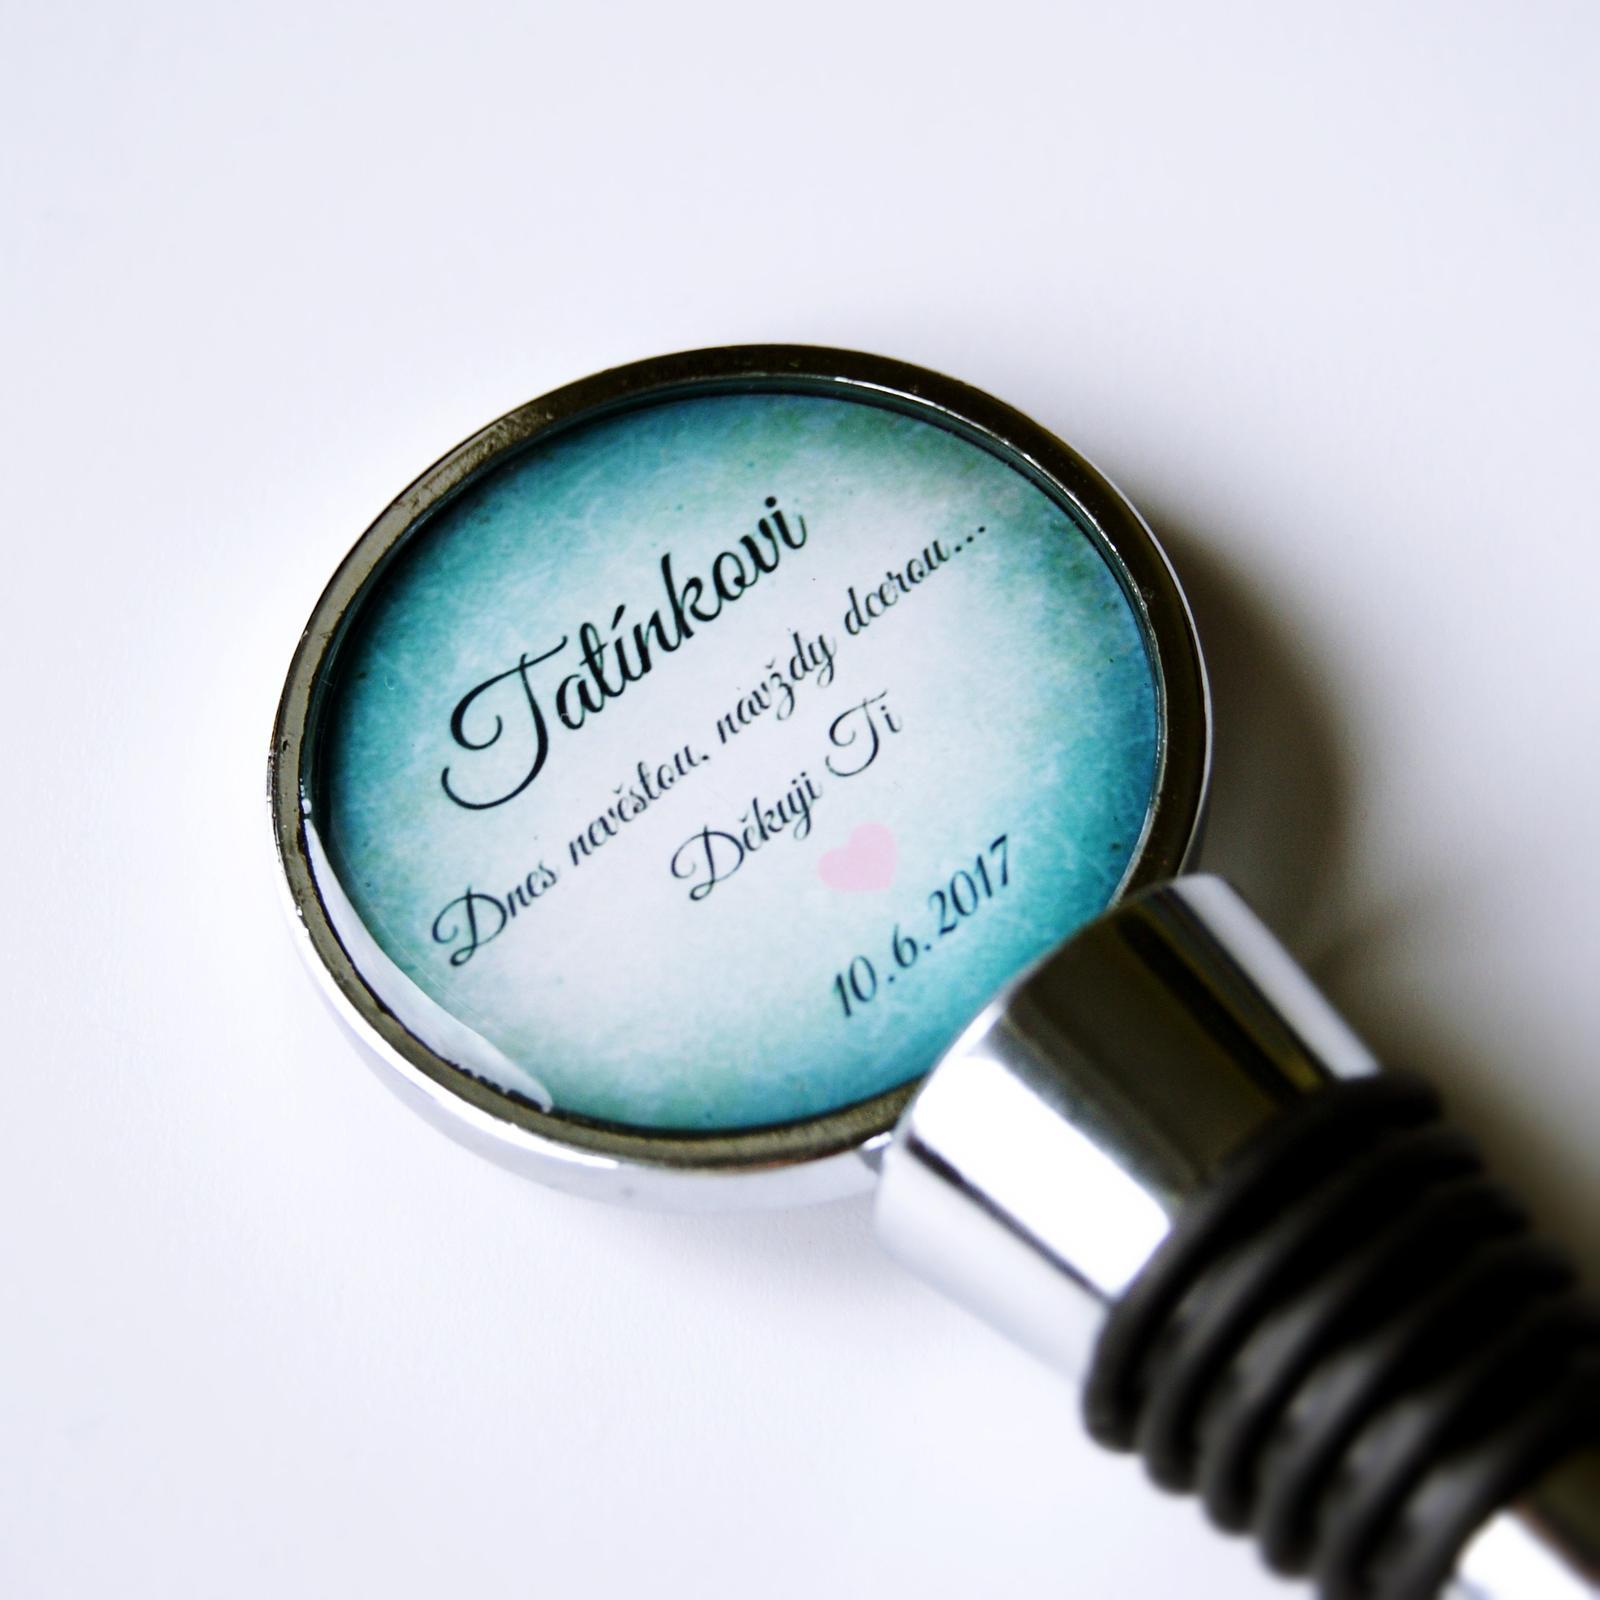 Svatby roku 2017 - zátka na víno pro tatínka - Pro návrh vlastního šperku na přání využijte náš formulář na eshopu: http://bit.ly/_sperky_na_prani